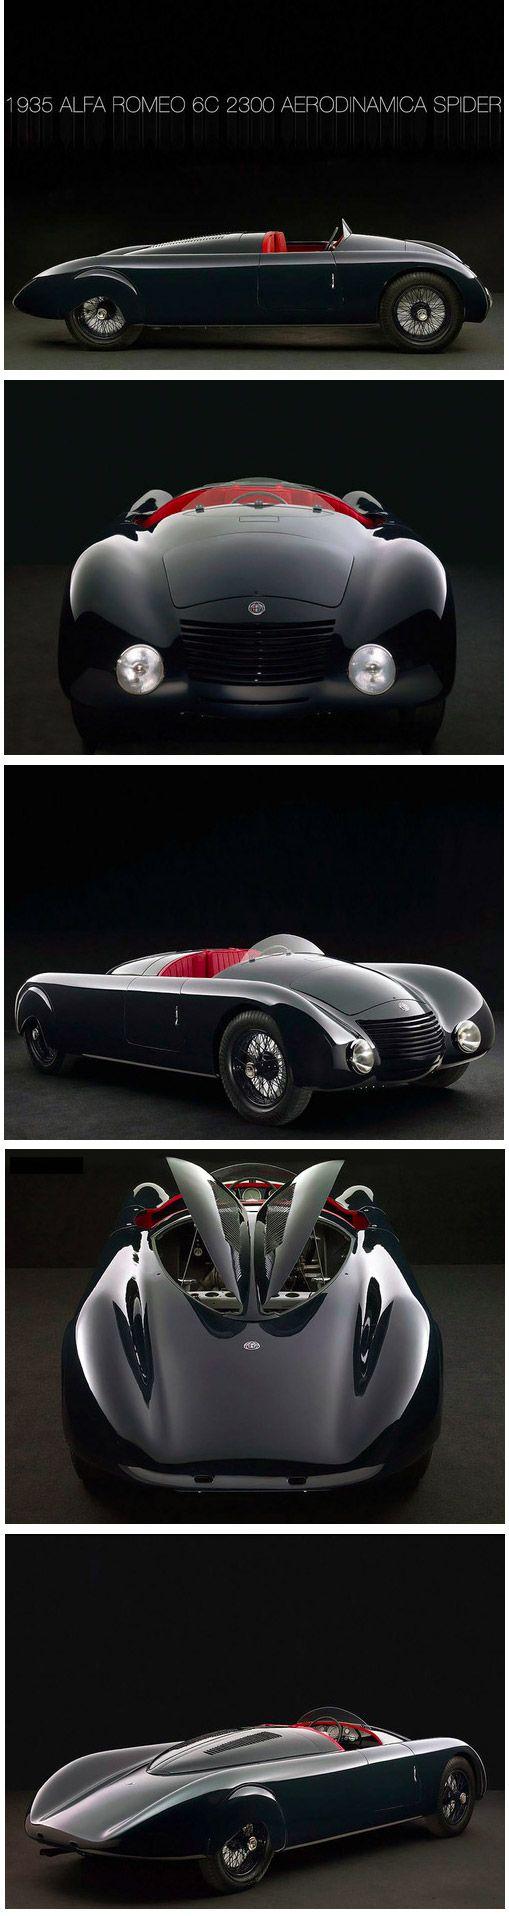 pinterest.com/fra411 #classic #car - 1935 Alfa Romeo 6C 2300 Aerodinamica Spider